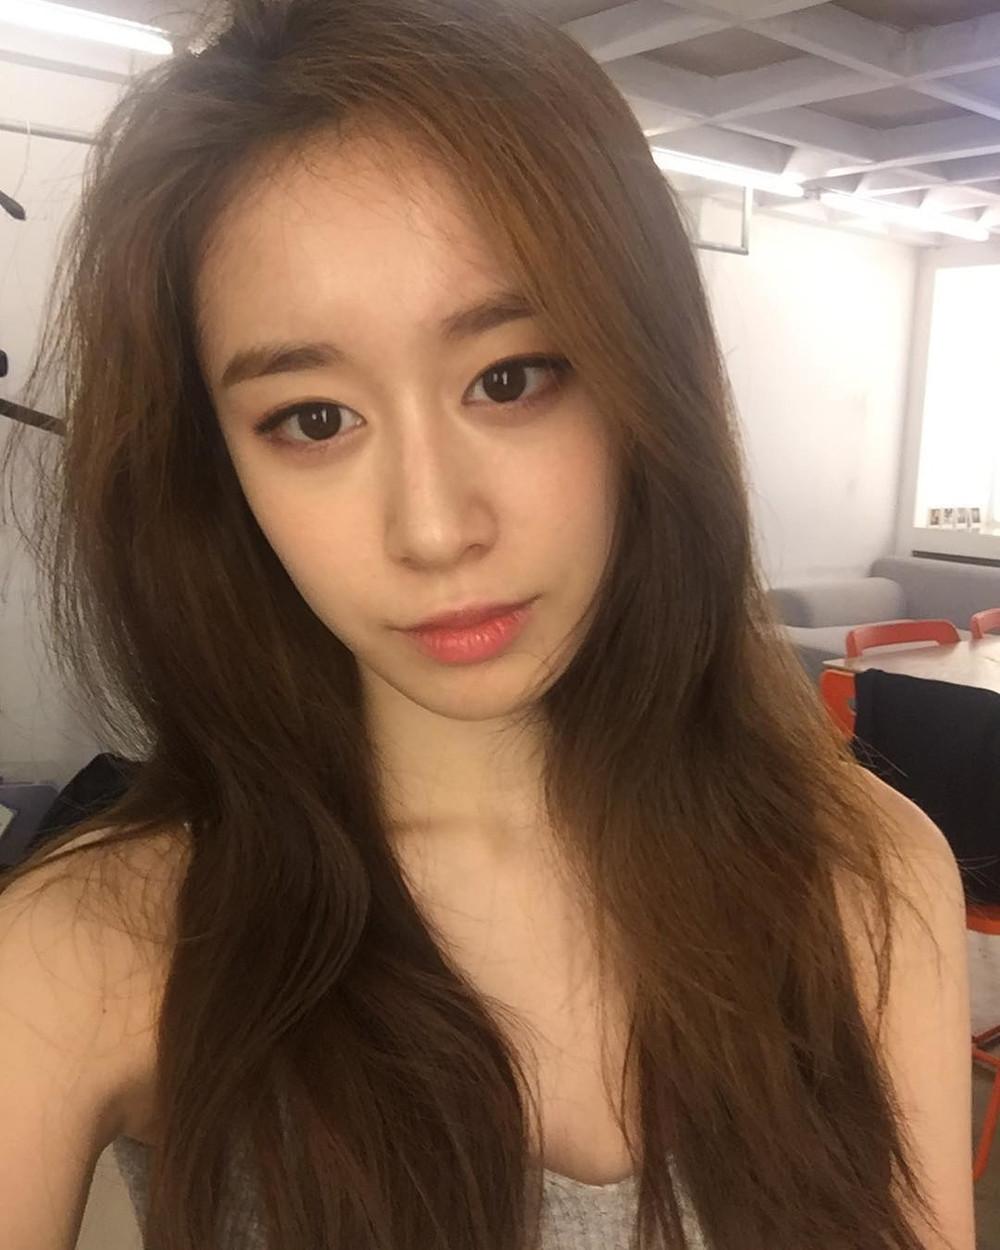 Fan xót trước thân hình gầy trơ xương của Jiyeon, ốm yếu thế này hủy show cũng chẳng ai trách nổi